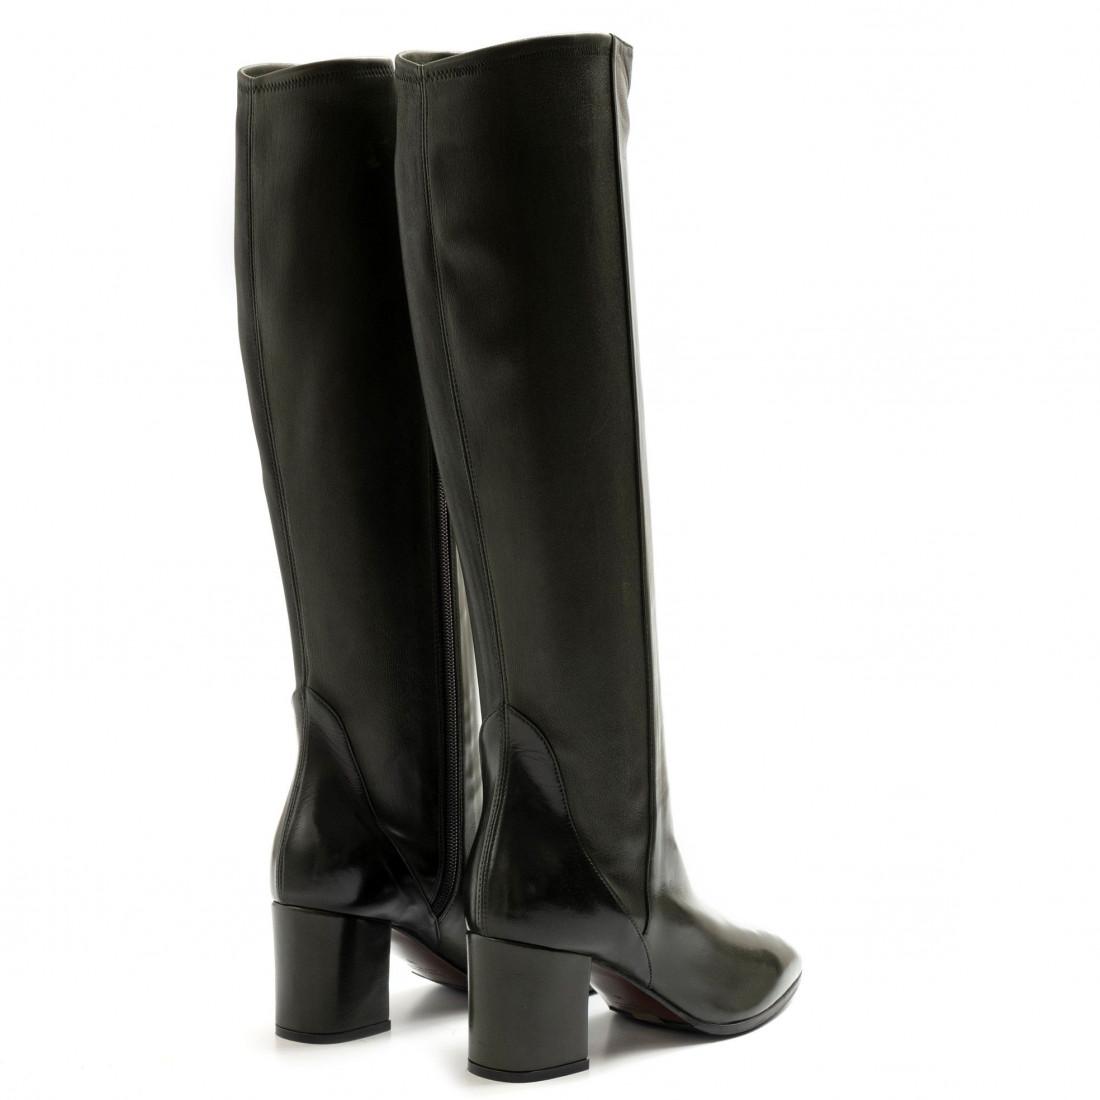 boots woman lorenzo masiero 205963nappa abb mility 7961